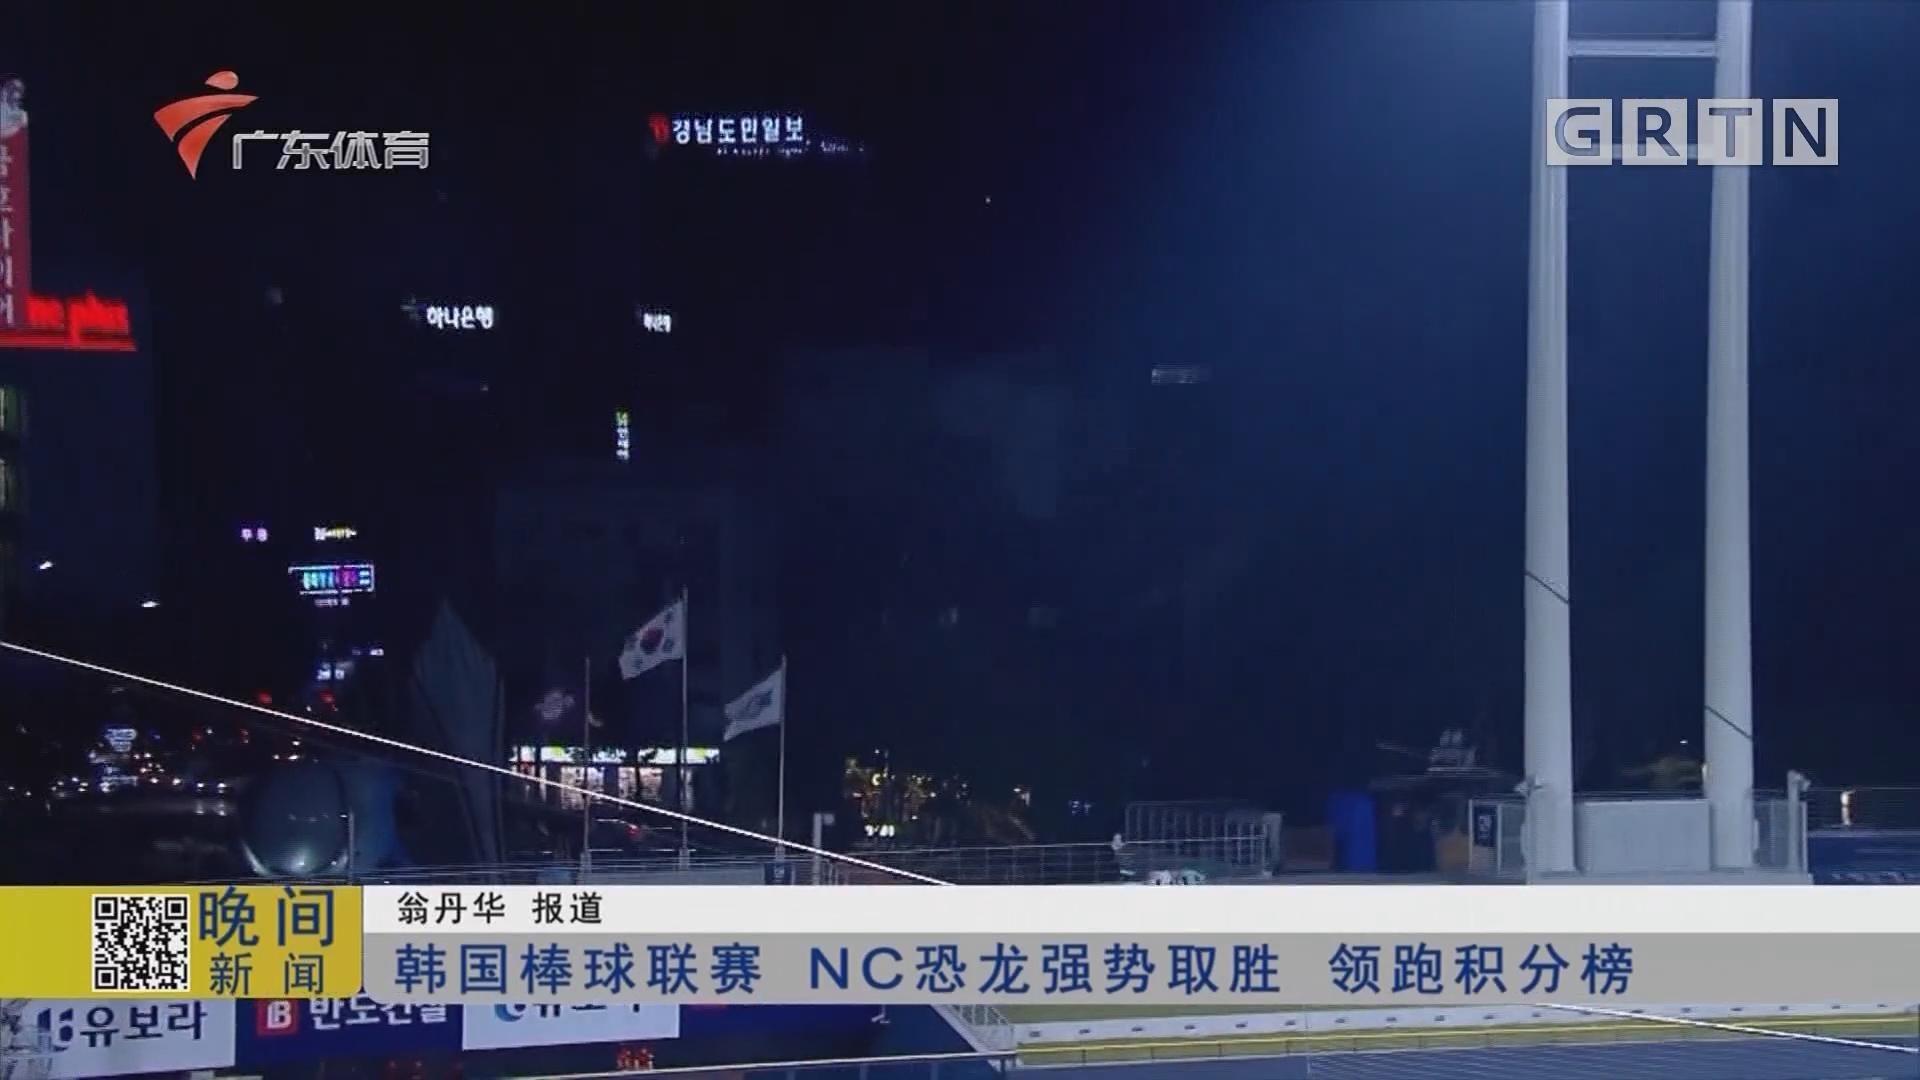 韓國棒球聯賽 NC恐龍強勢取勝 領跑積分榜